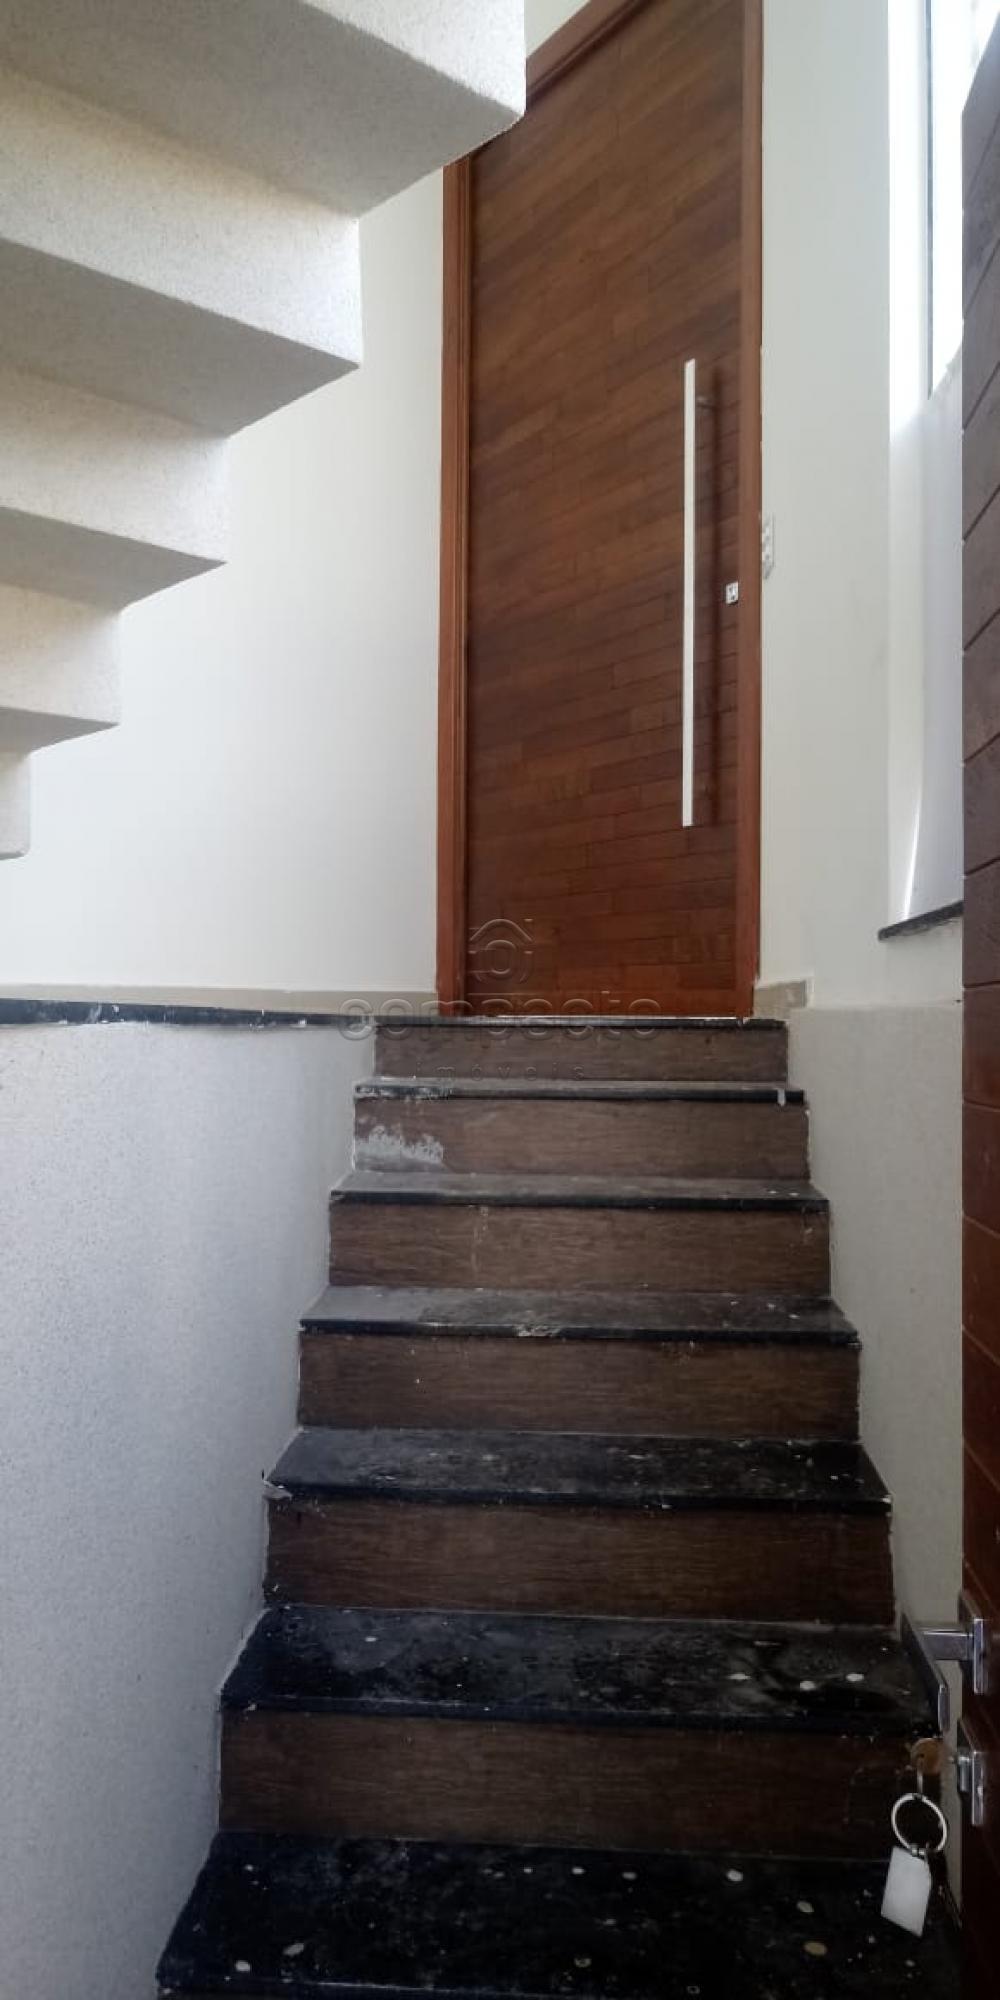 Comprar Casa / Condomínio em São José do Rio Preto apenas R$ 500.000,00 - Foto 4